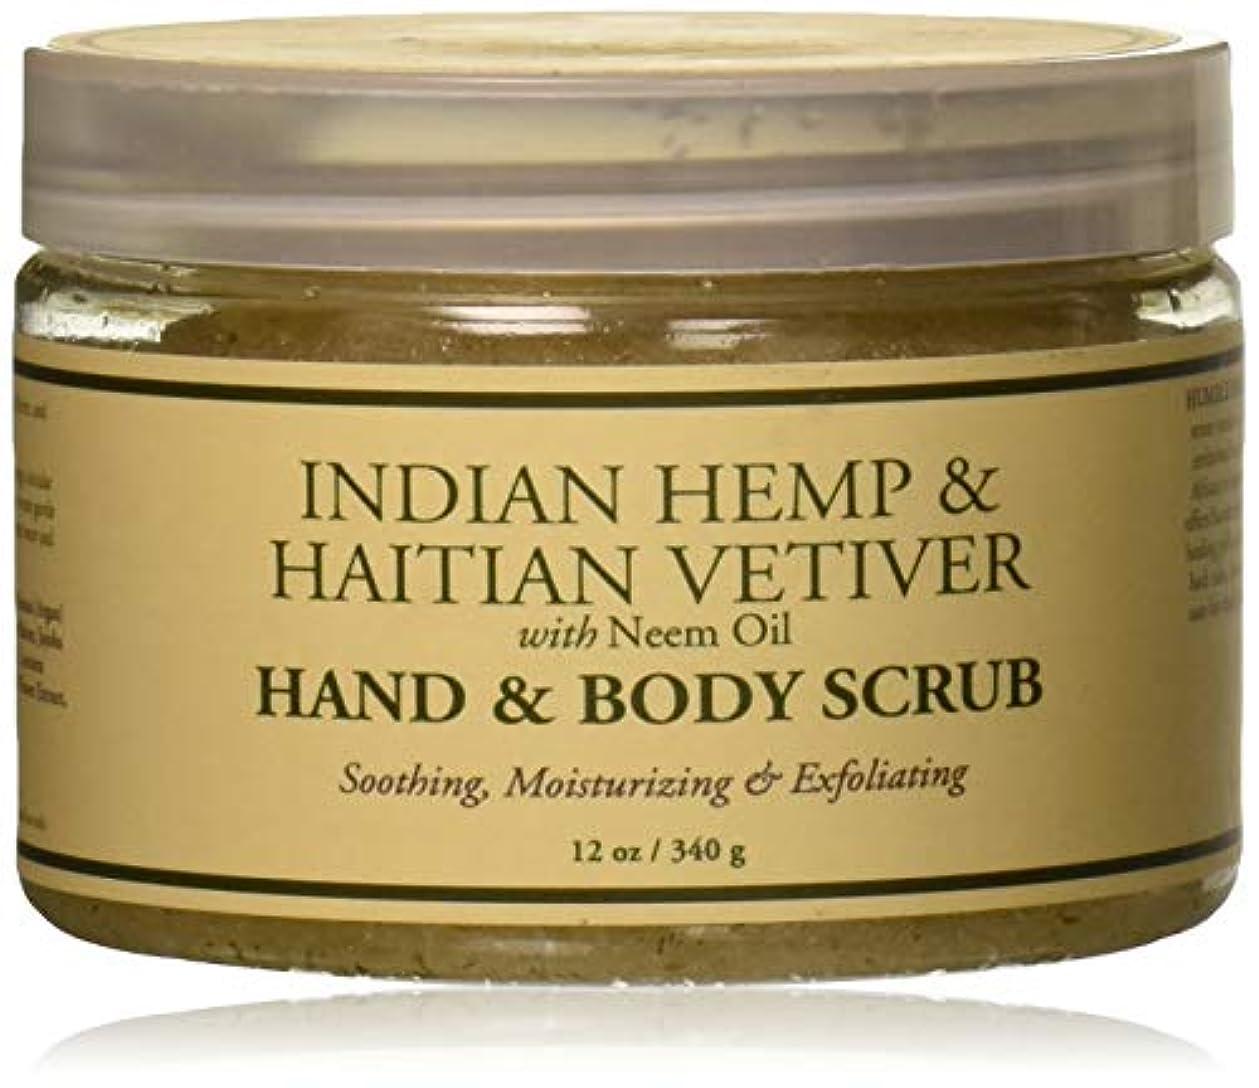 穴爵迷彩Hand and Body Scrub - Indian Hemp and Haitian Vetiver - 12 oz by Nubian Heritage